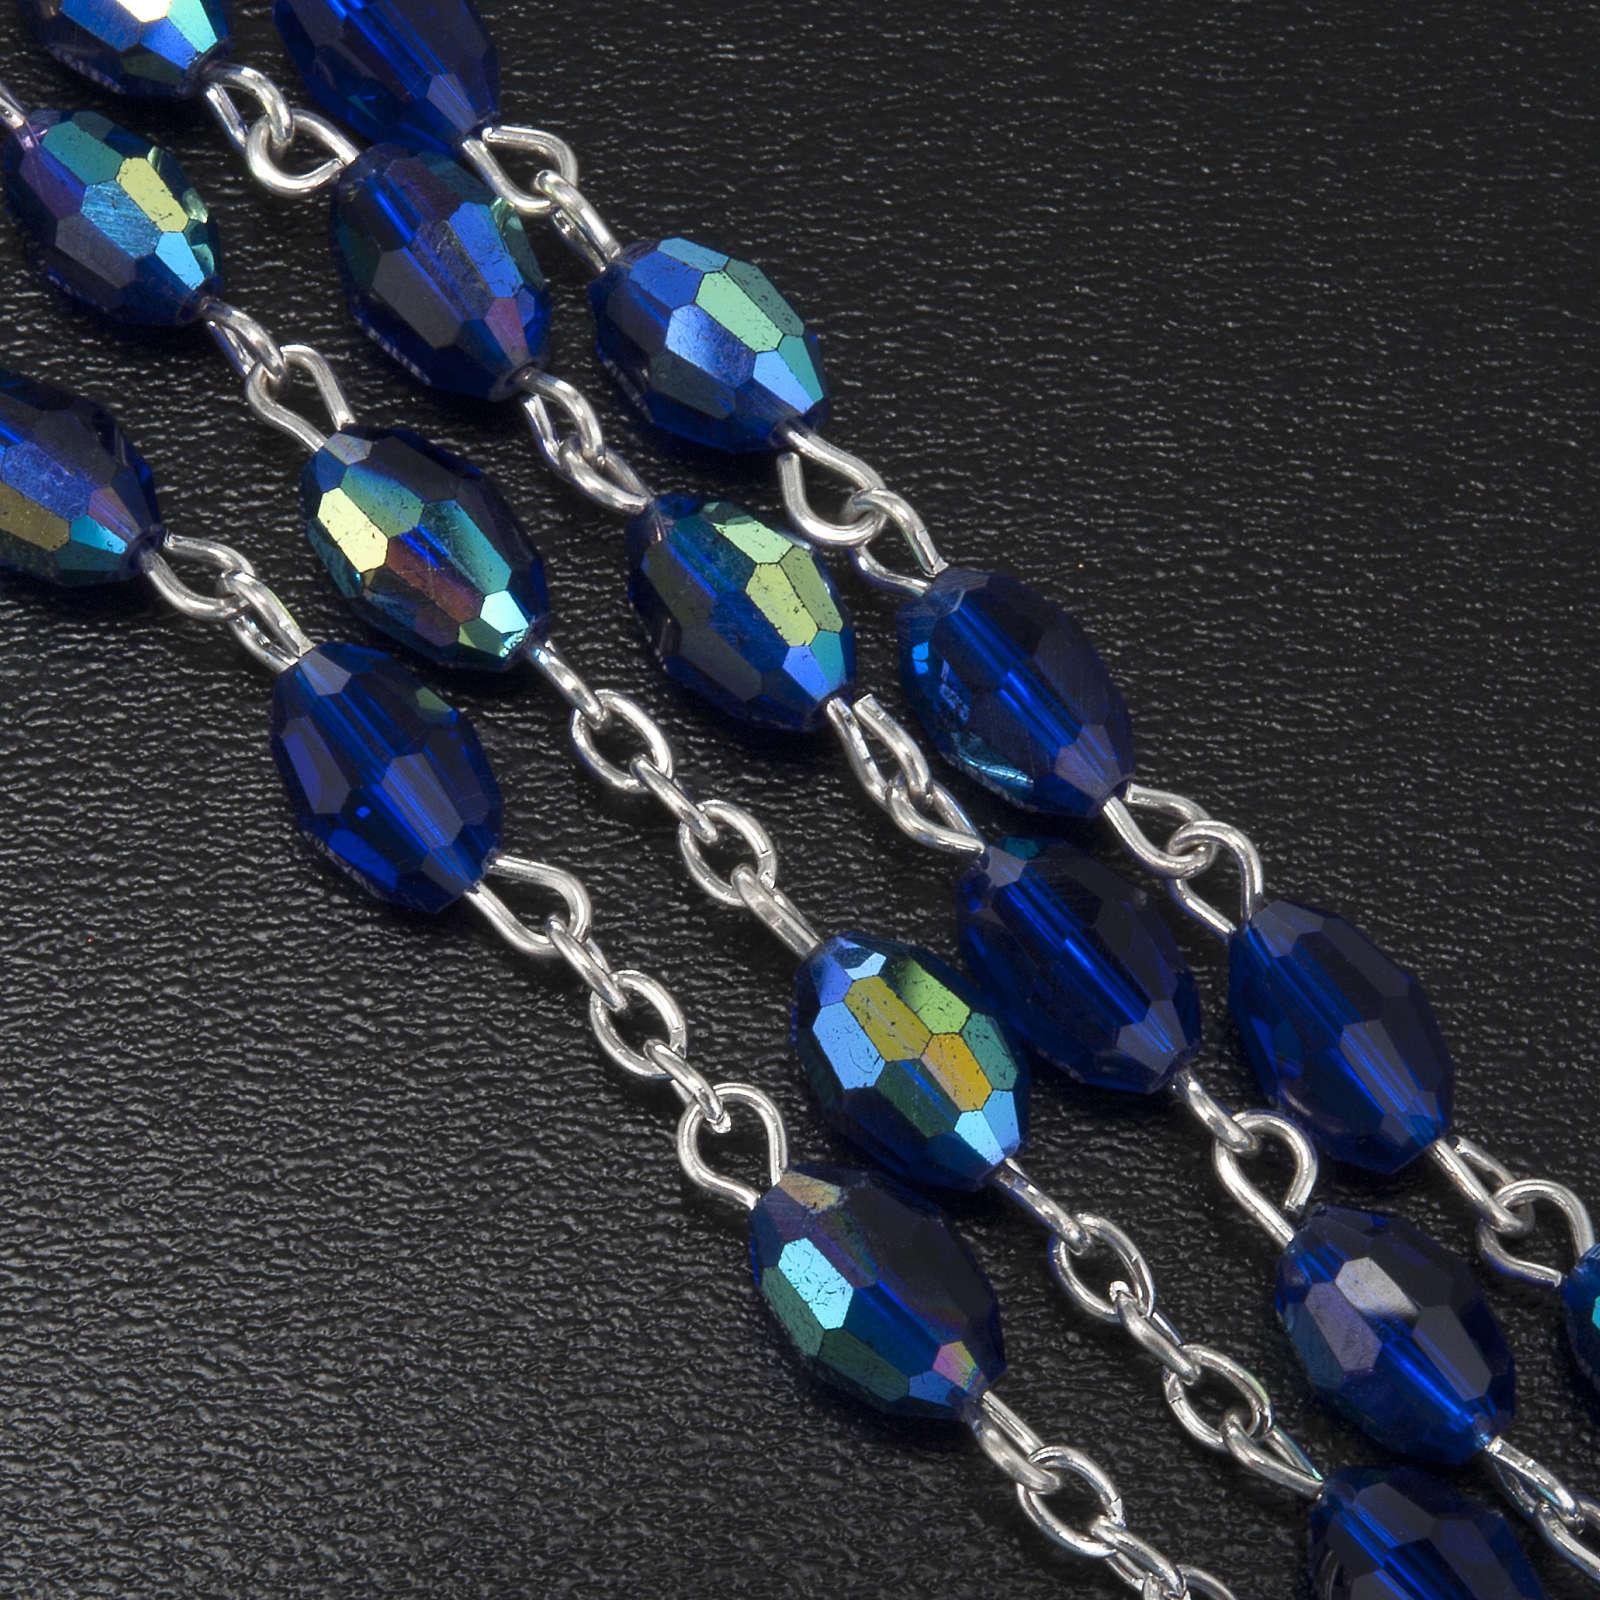 Rosenkranz echtes Kristall, blaue und ovale Perlen 6x9 mm 4